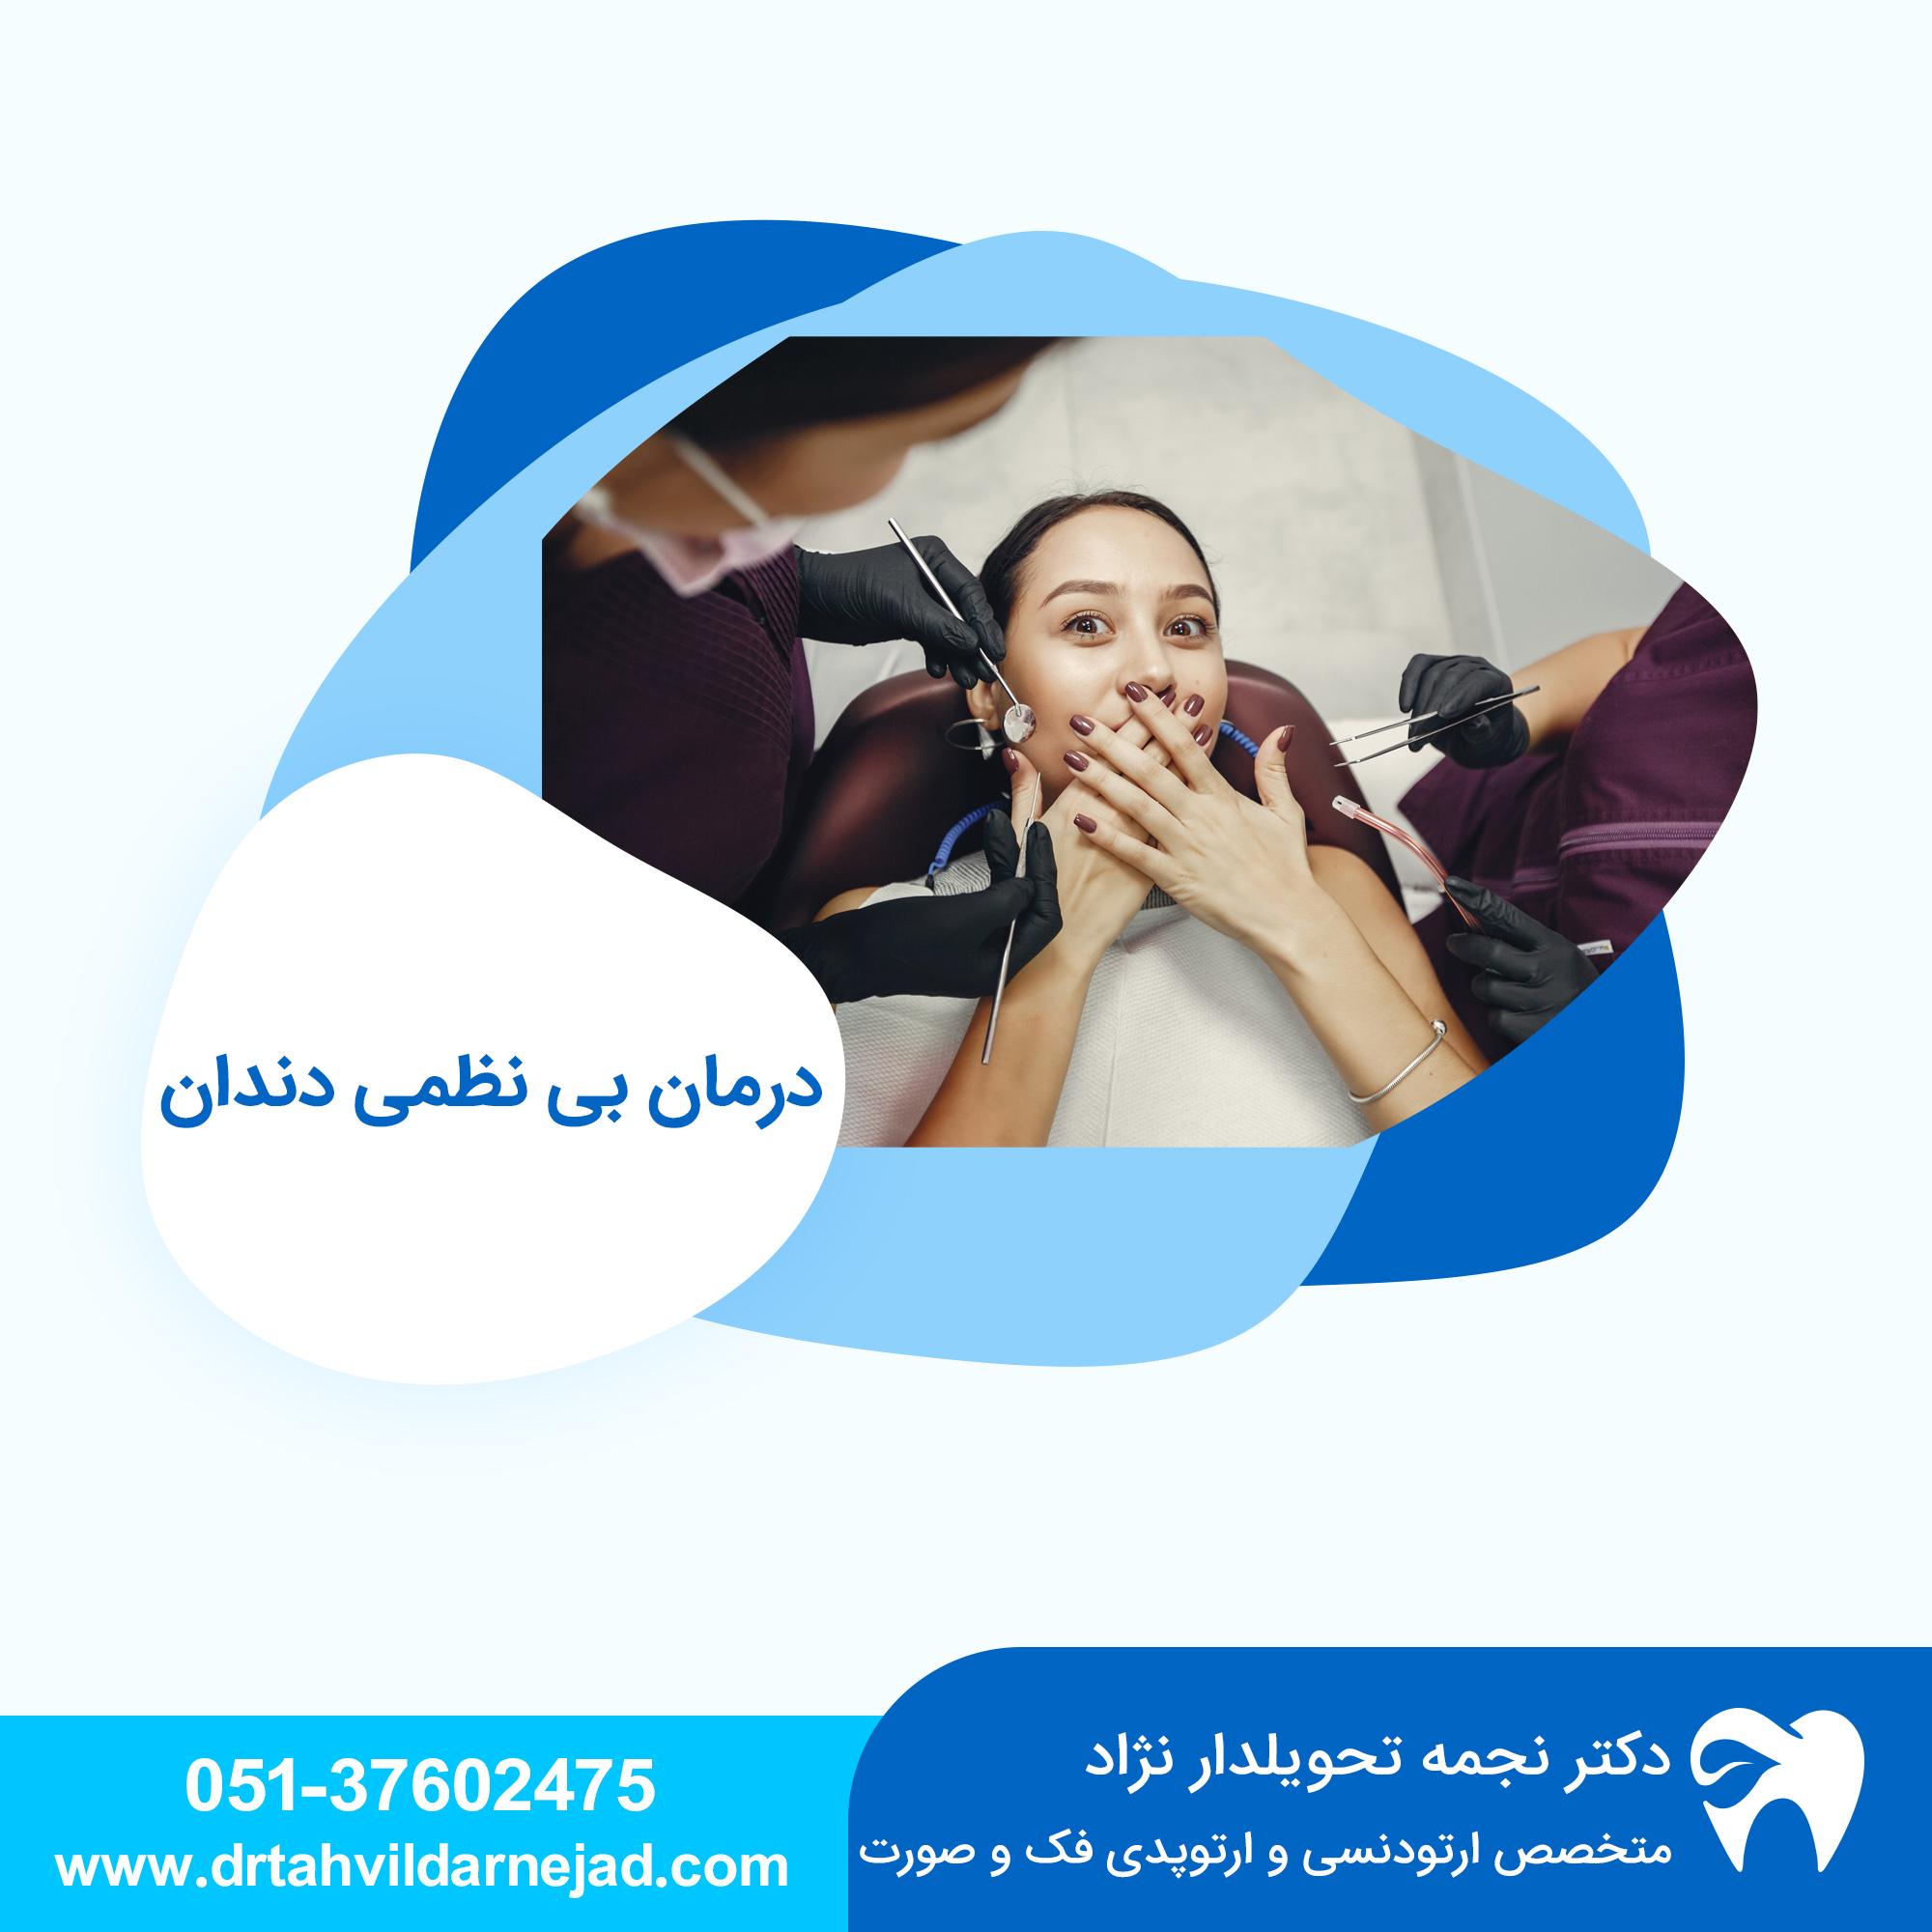 درمان بی نظمی دندان